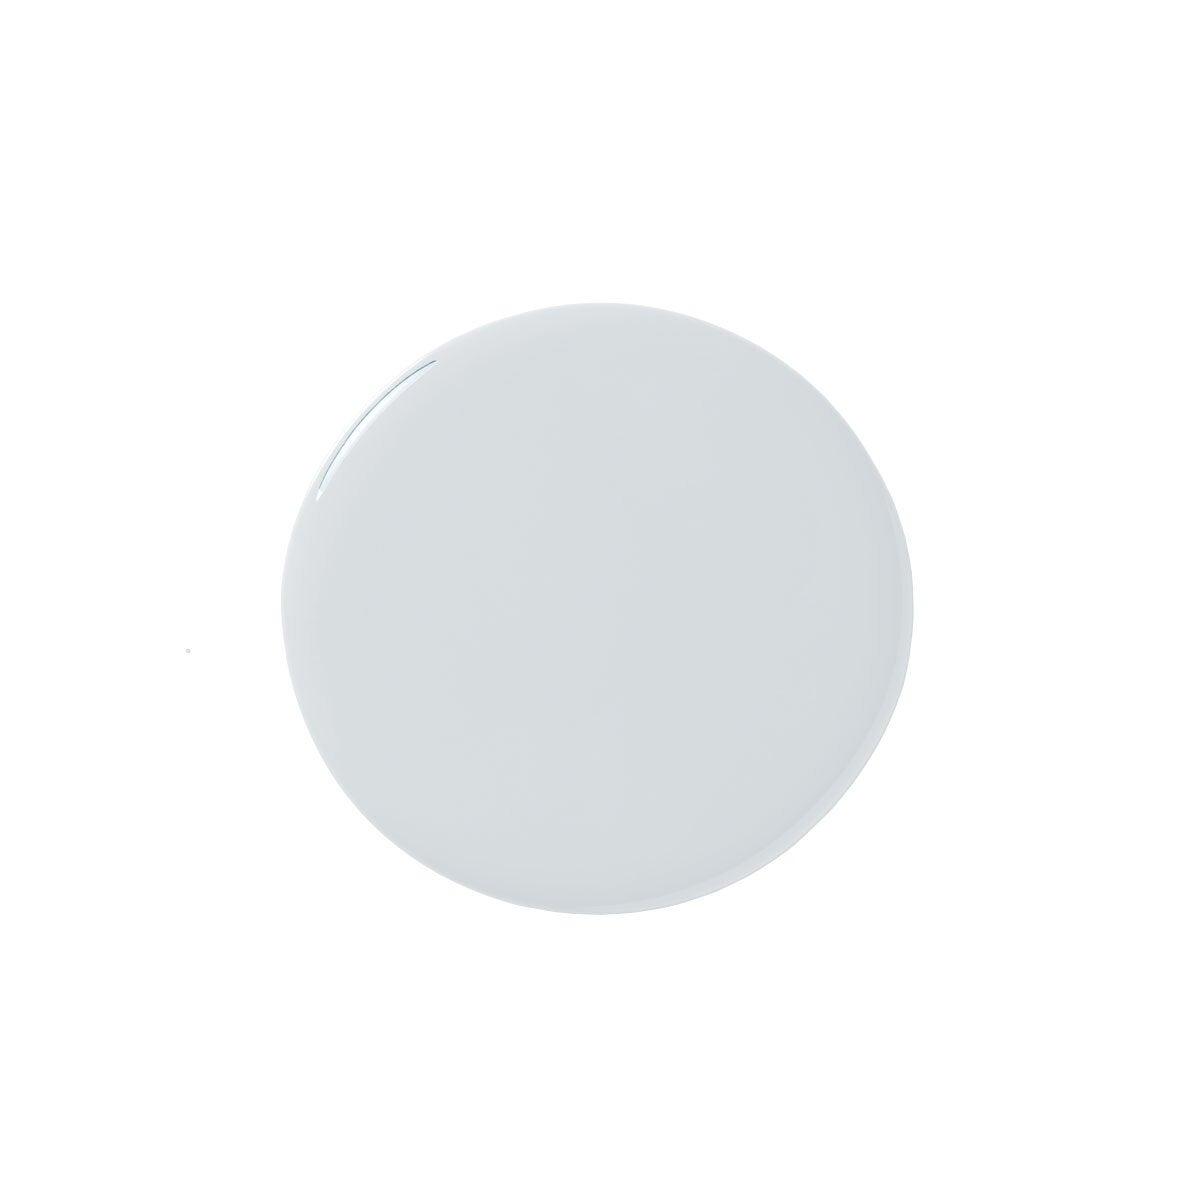 Pale Blue Paint Blob